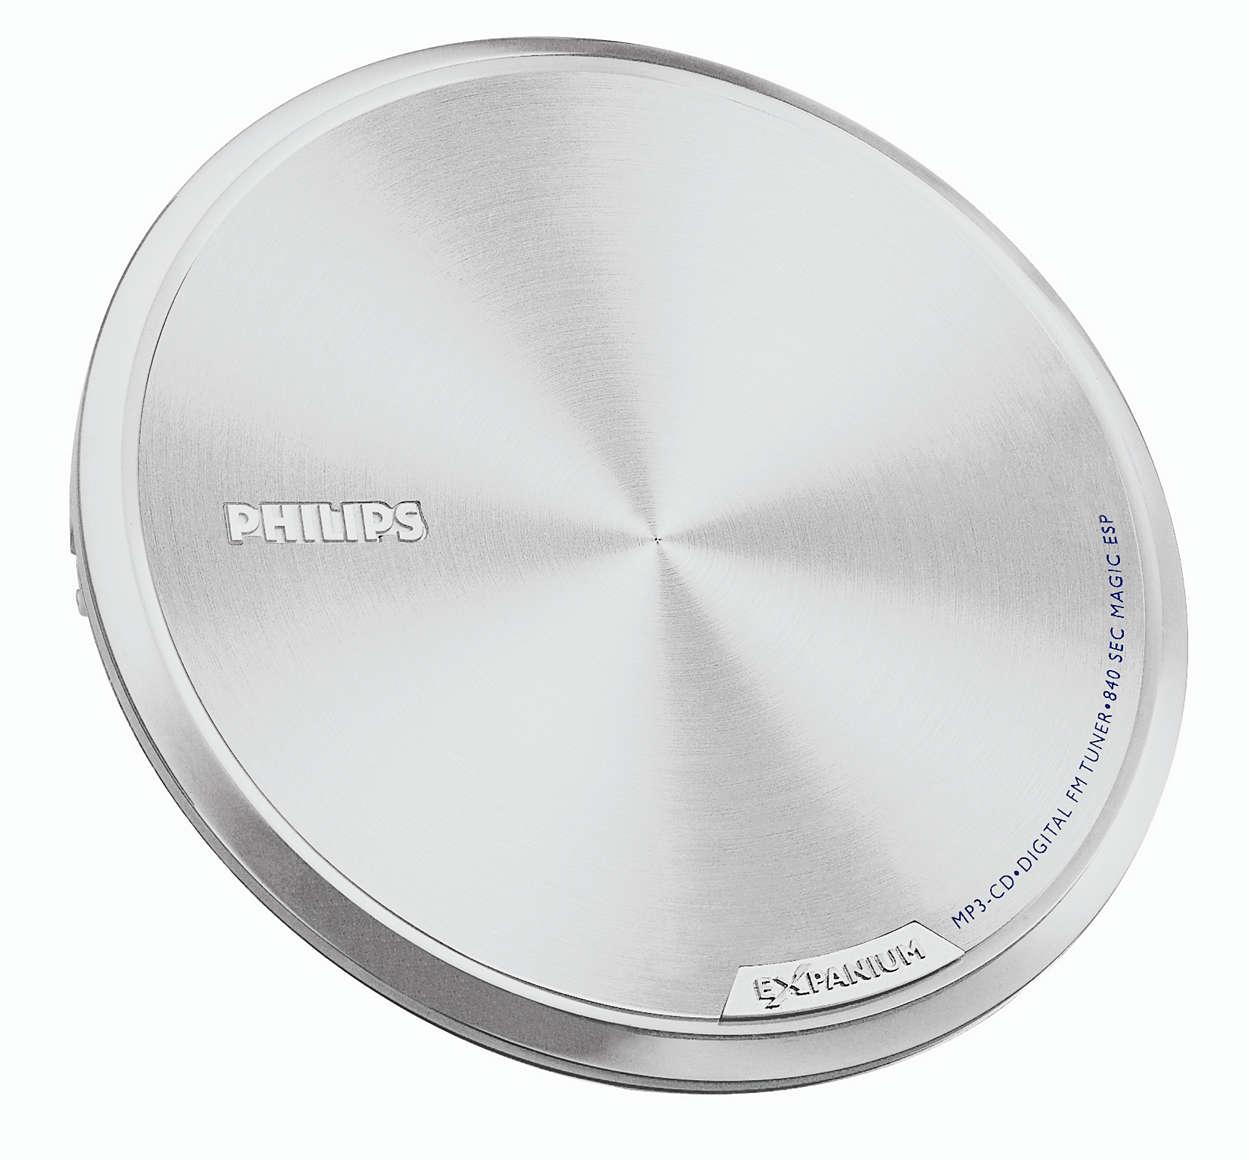 Erittäin ohut ja kevyt MP3-CD-soitin